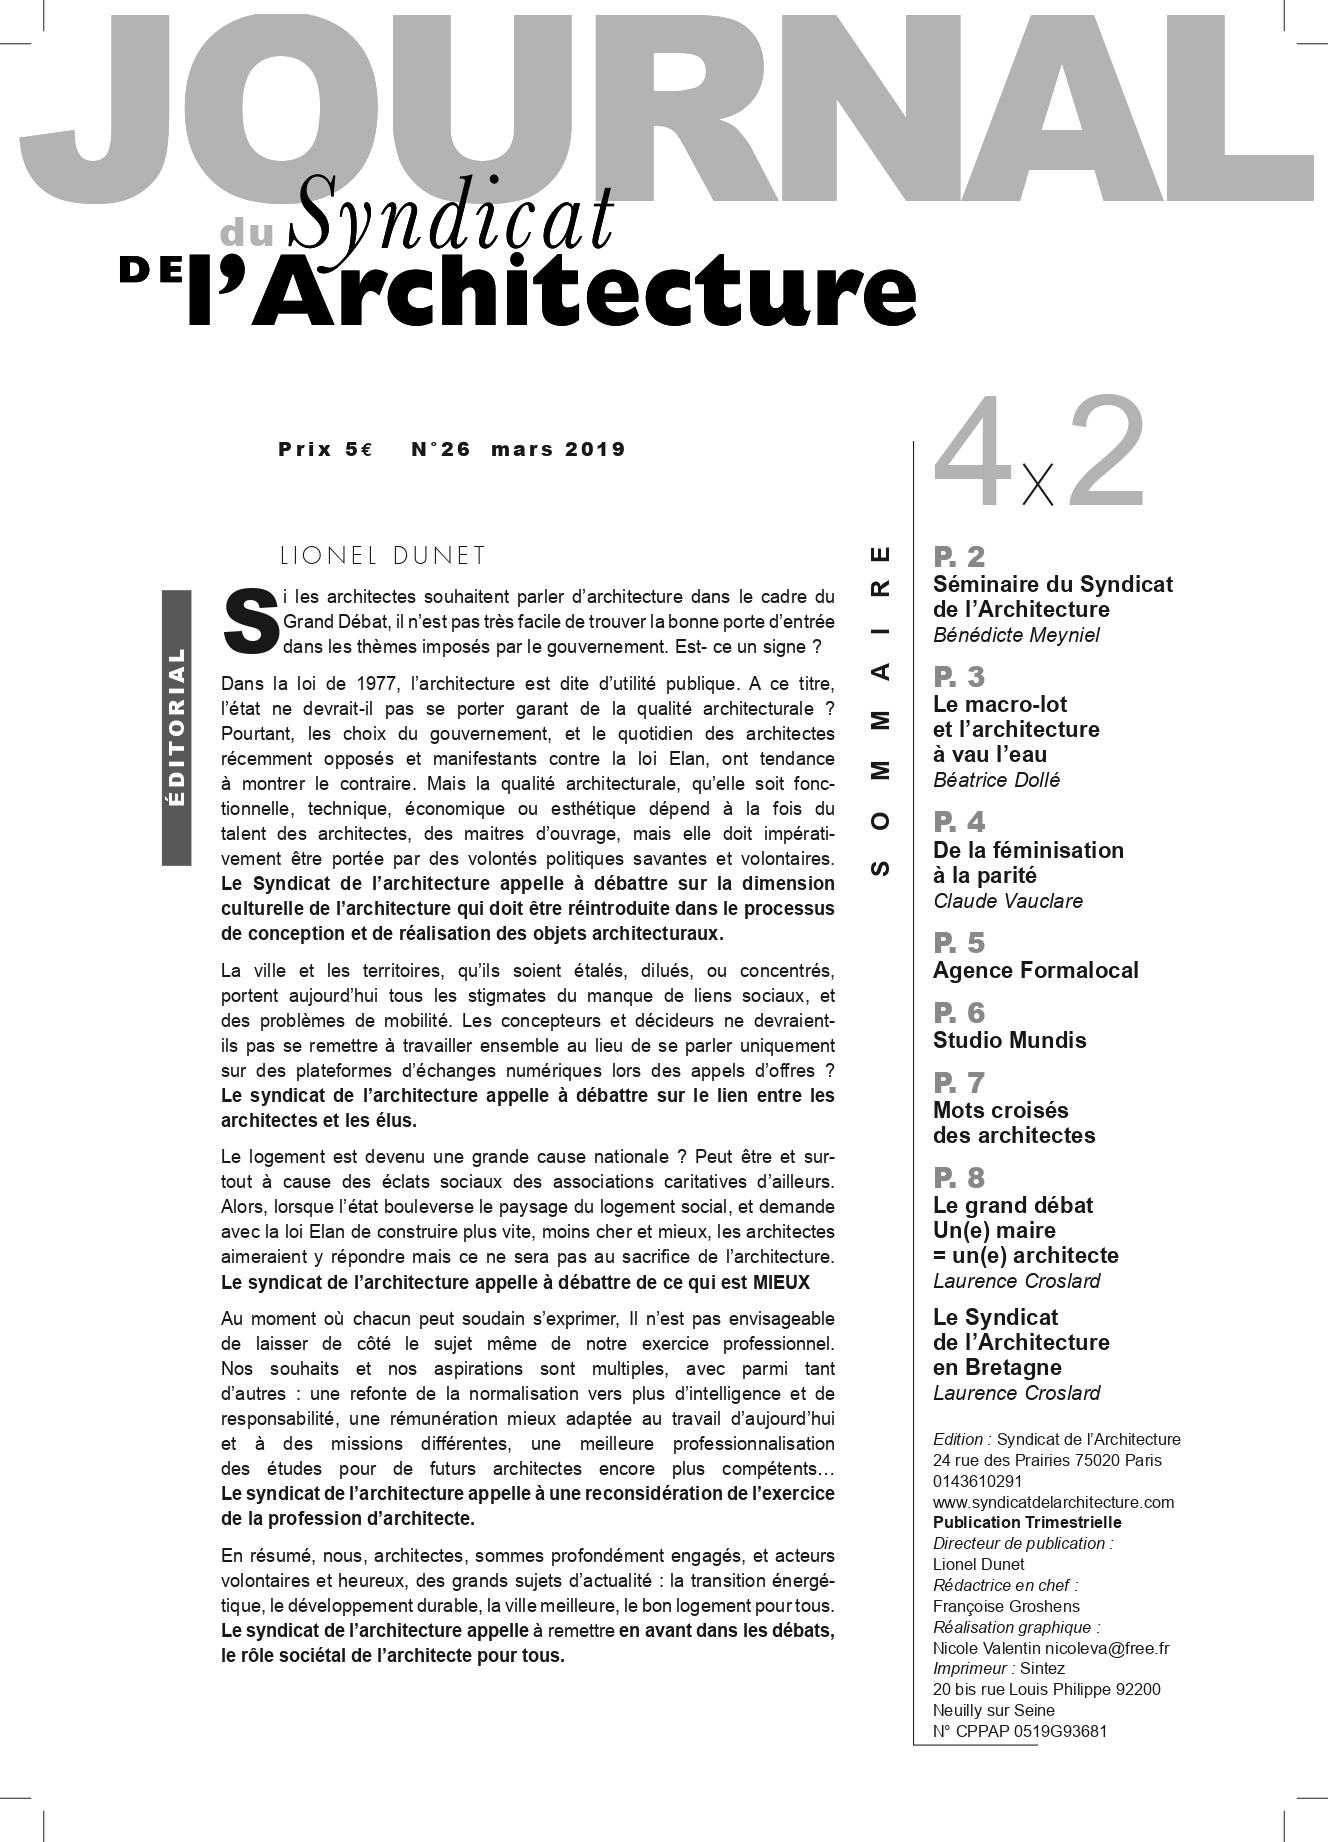 JOURNAL N°26